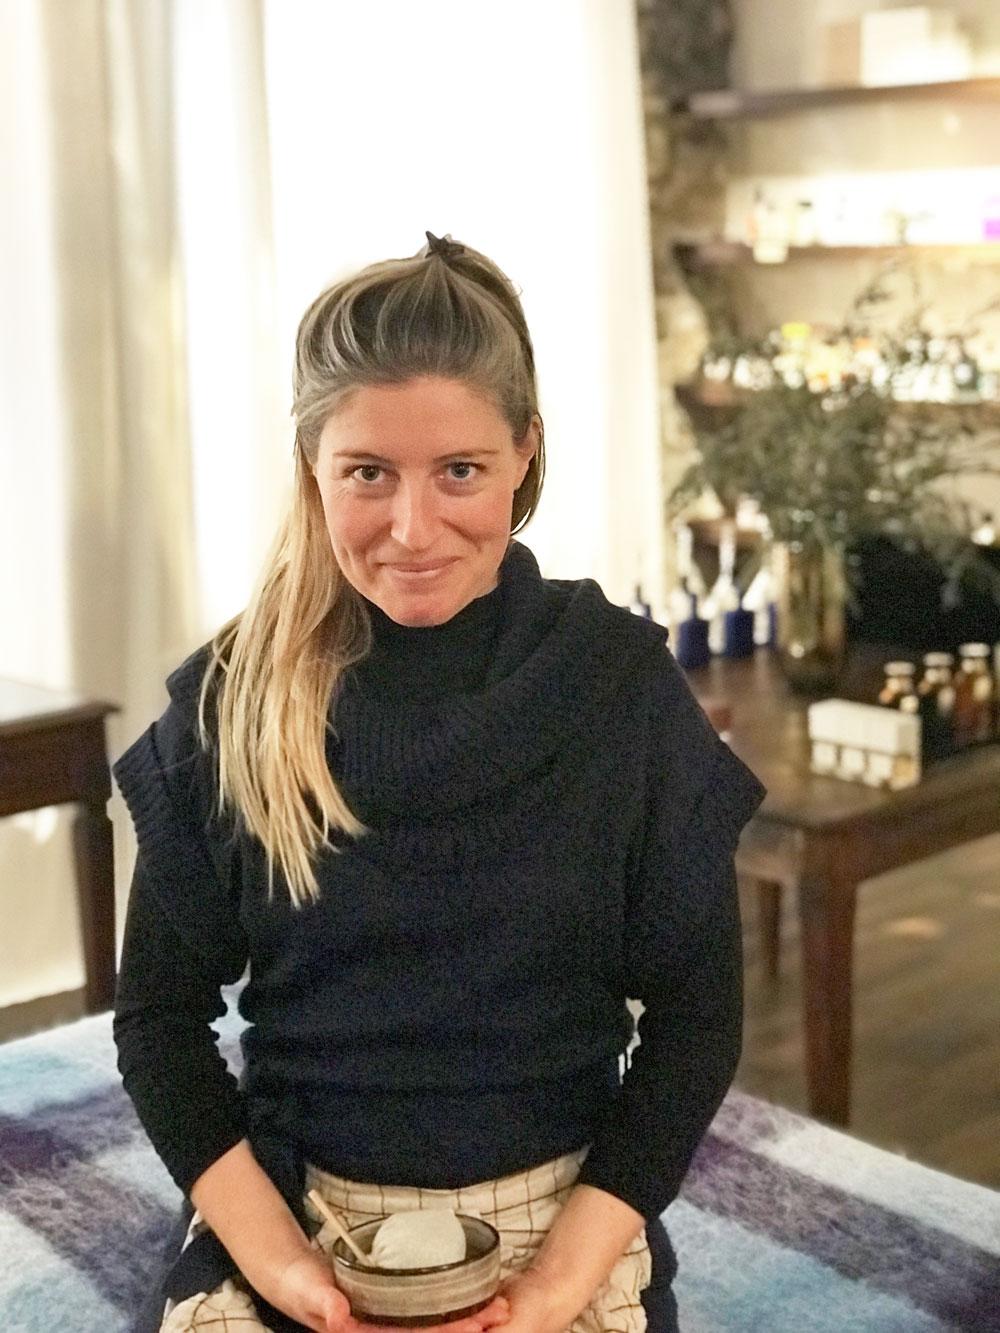 sonrisa hat bei Mon Salon Vert eine Naturkosmetik-Gesichtsbehandlung getestet - und freut sich eine Woche später immer noch über ihre schöne Haut!